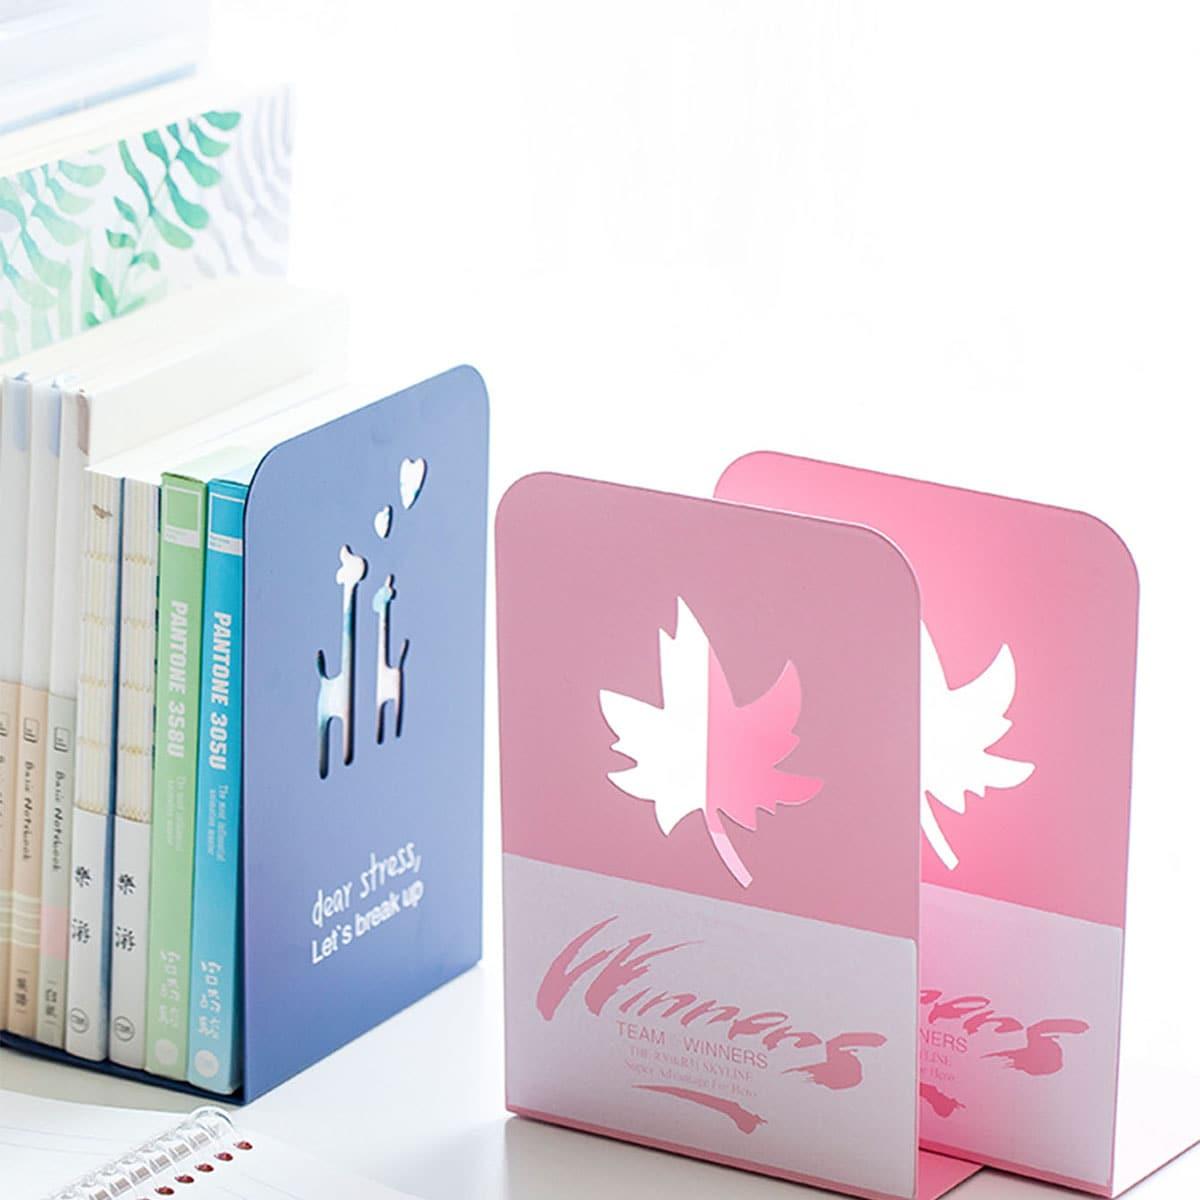 2 stks grafisch ontwerp boekensteun